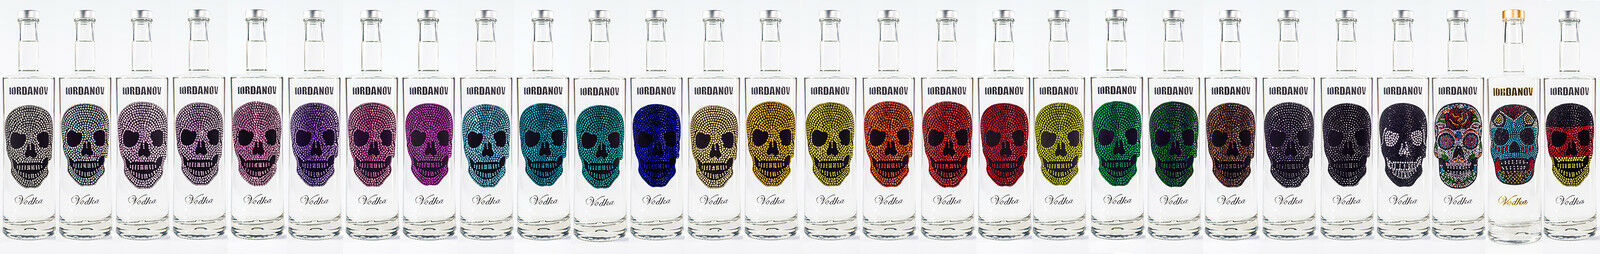 Vodka-Iordanov